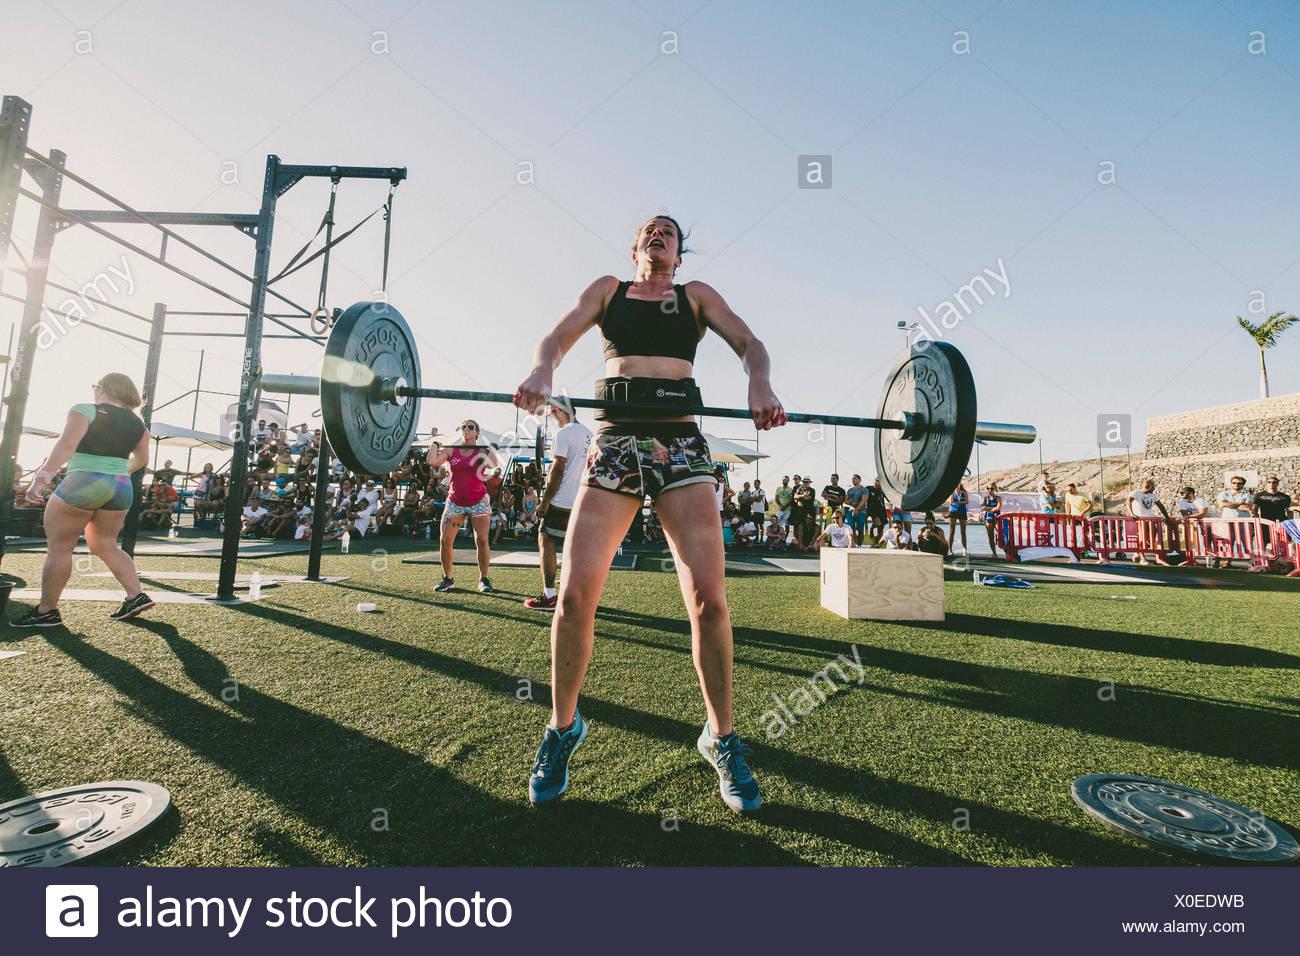 Vista frontale di atleta femminile sollevamento pesi durante il concorso,tenerife,isole Canarie,Spagna Immagini Stock